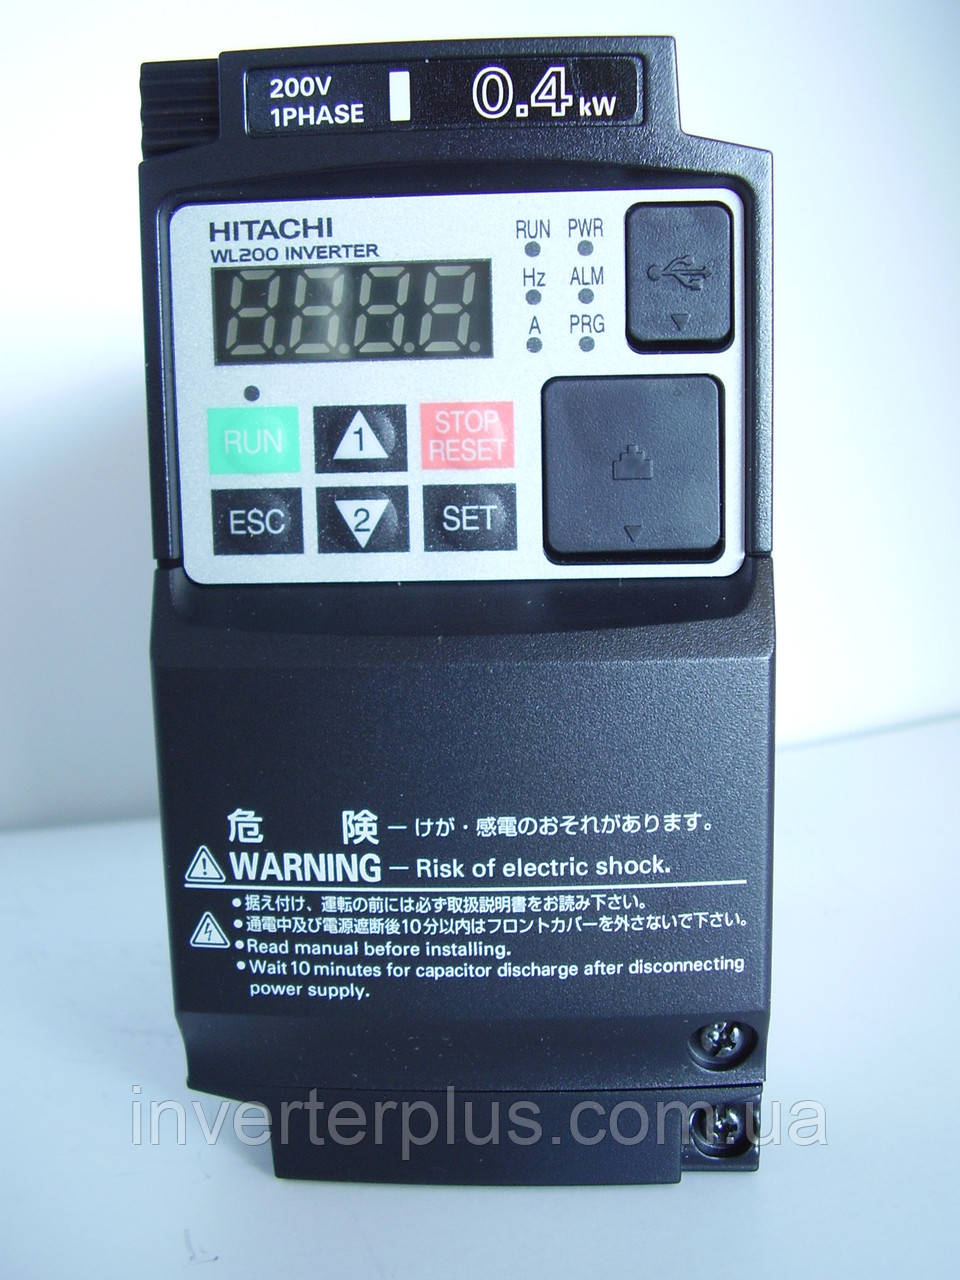 WL200-004SFE; 0,4кВт/220В. Частотник Hitachi